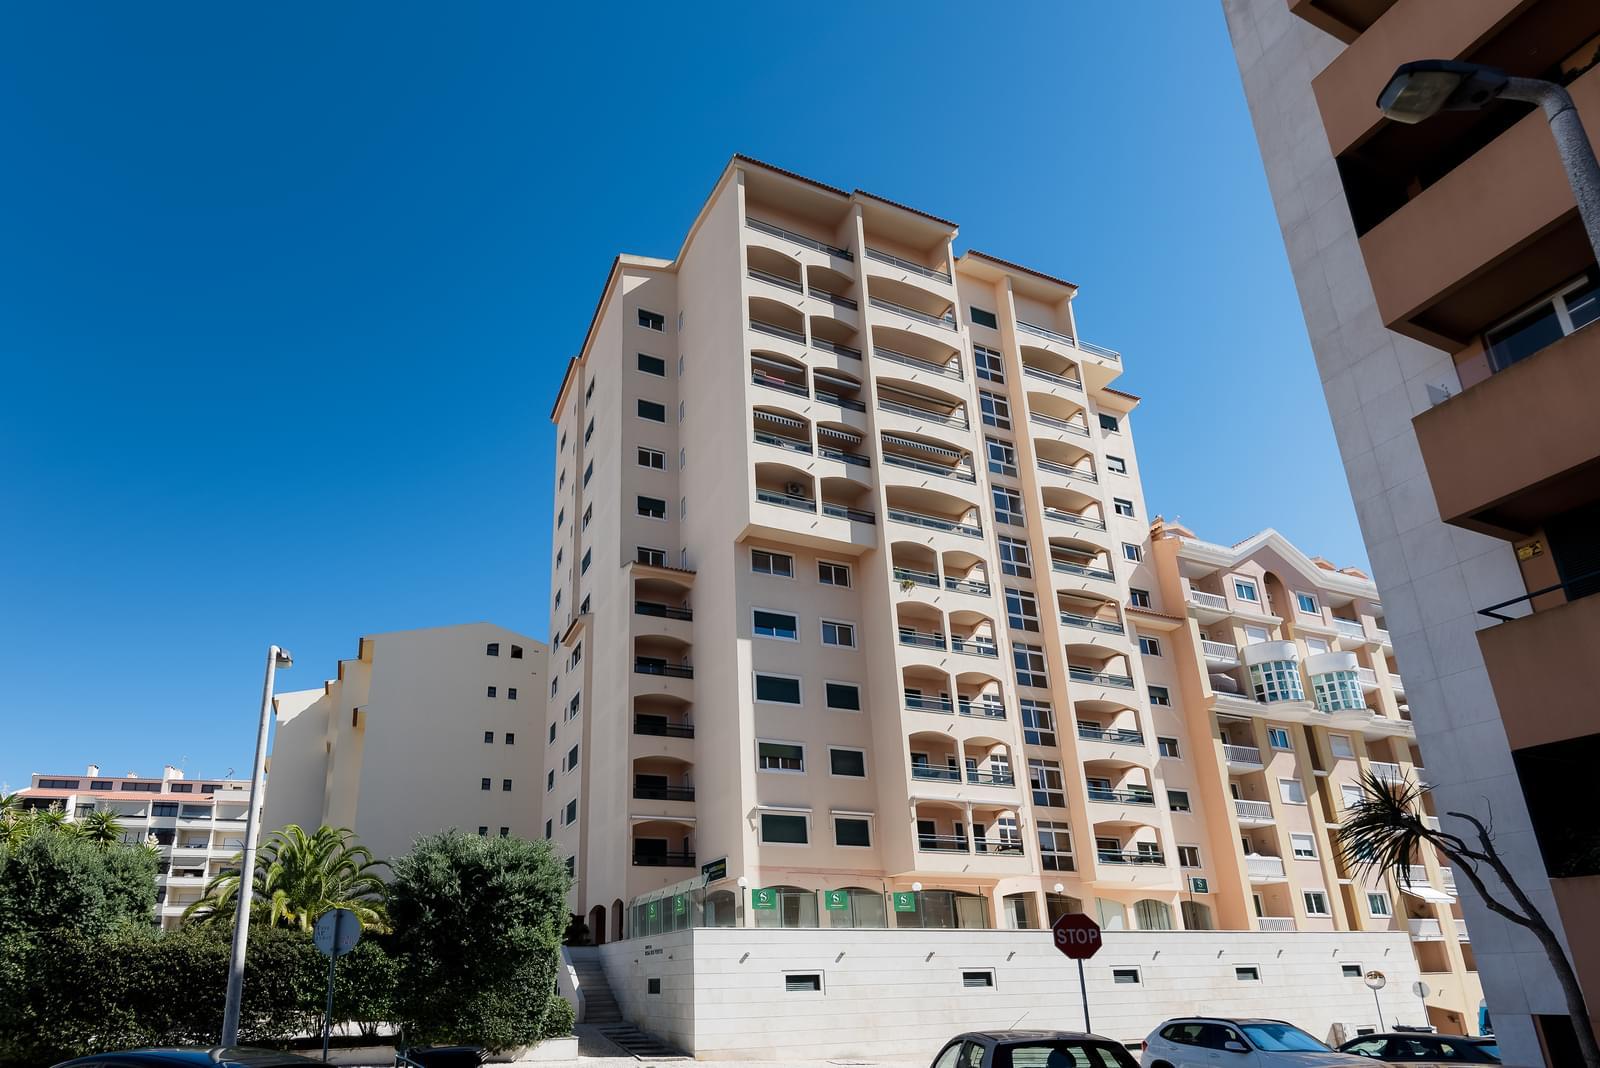 pf18286-apartamento-t2-cascais-a0fec6f8-0fd1-4965-9a21-8e9e67c547d0